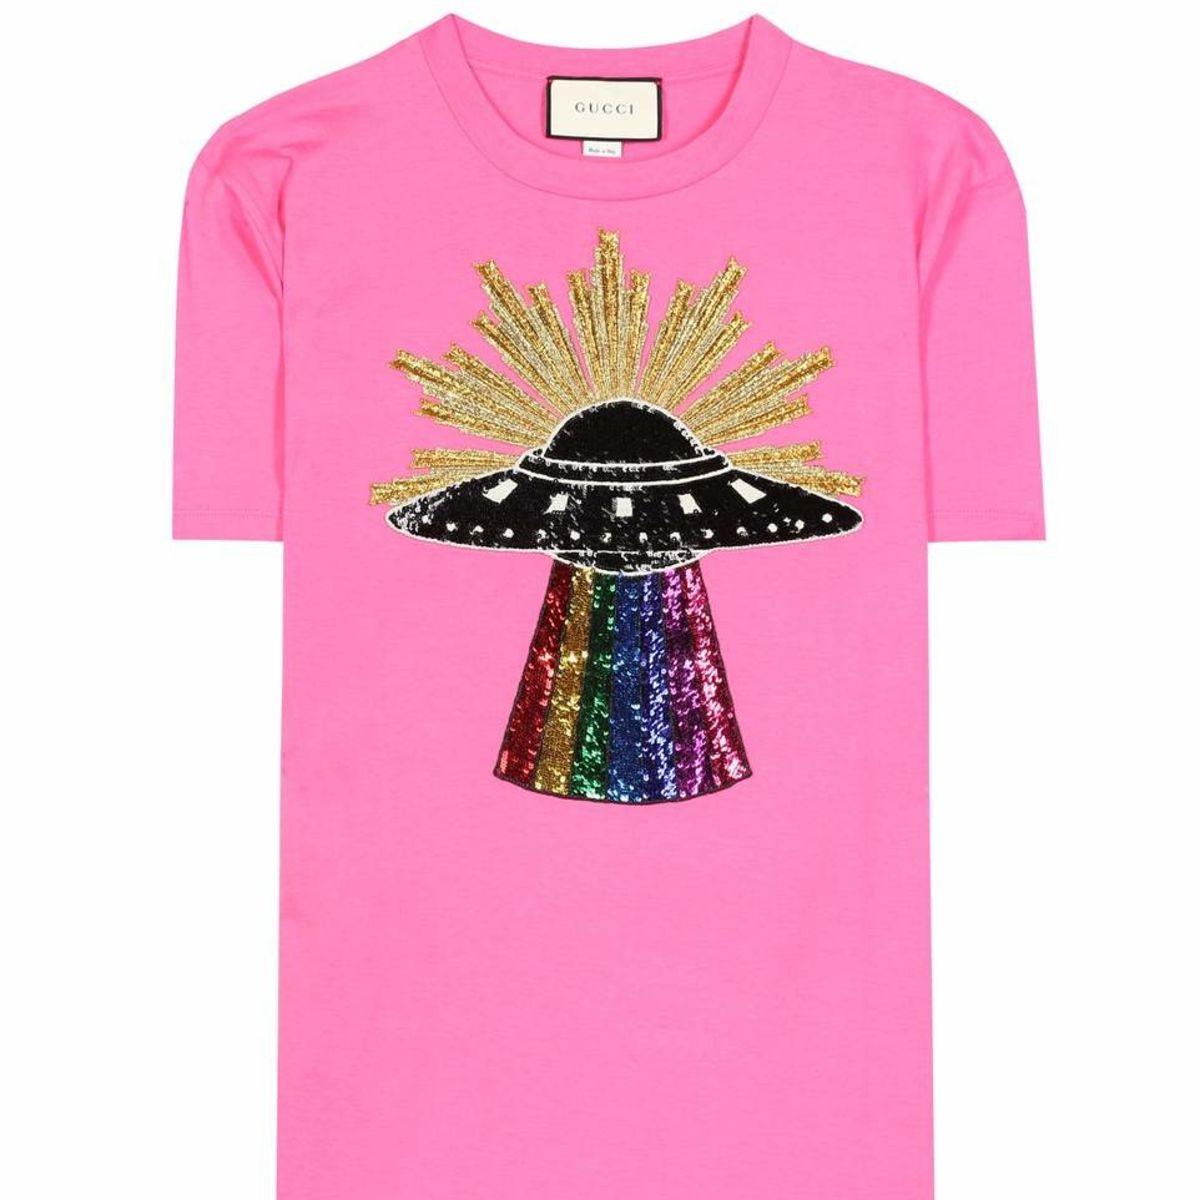 gucci_t-shirt.jpg